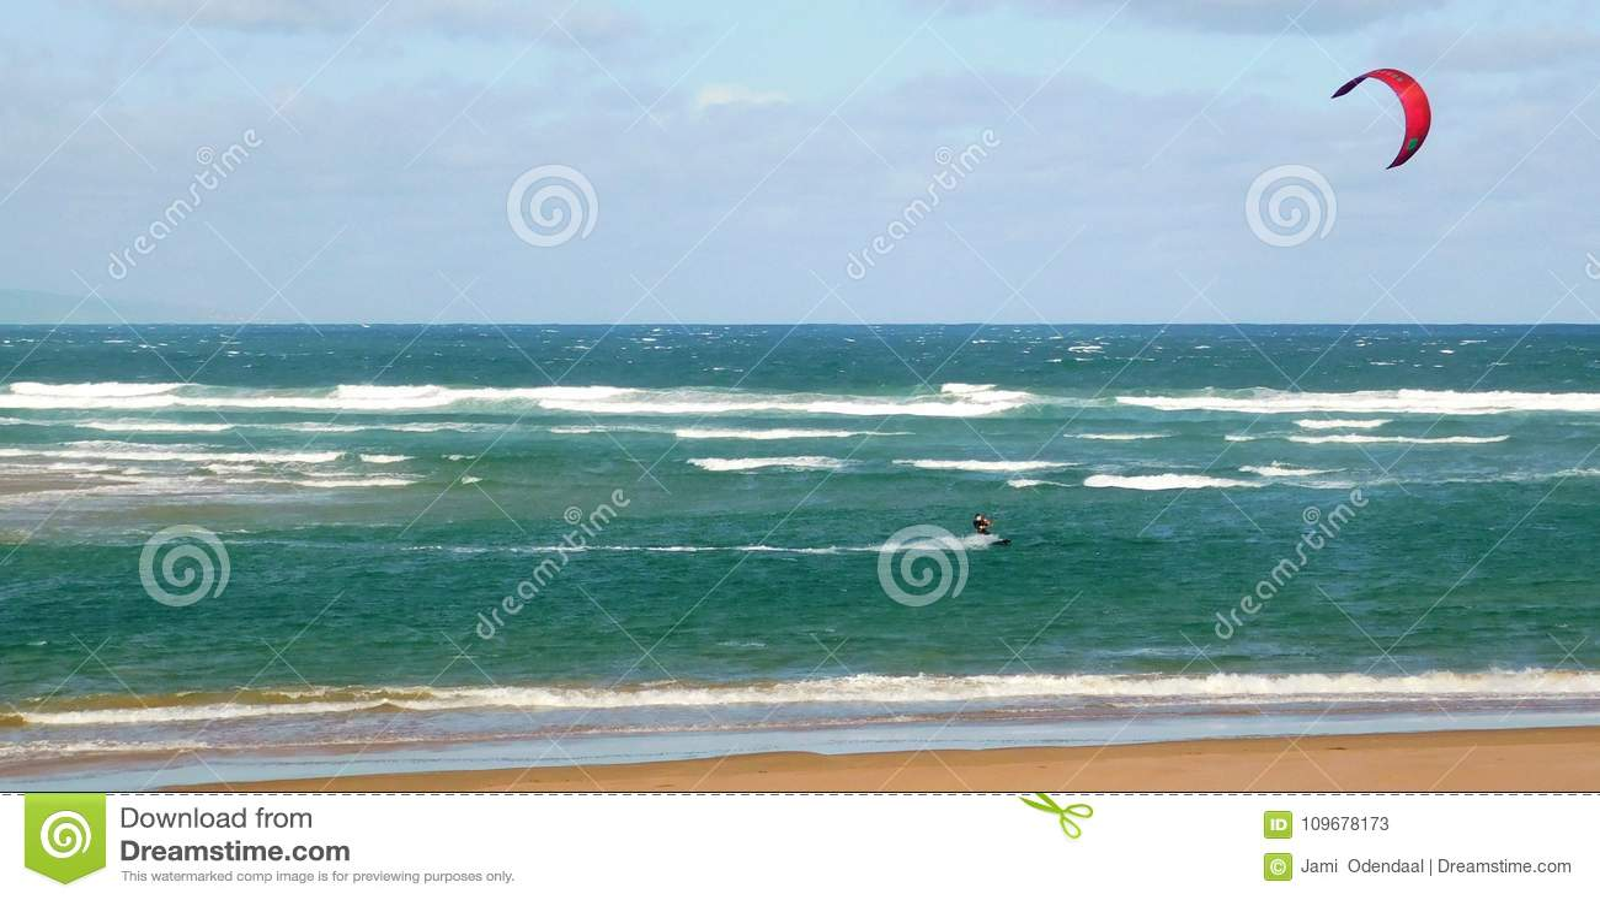 Aquilone che pratica il surfing fuori dalla riva